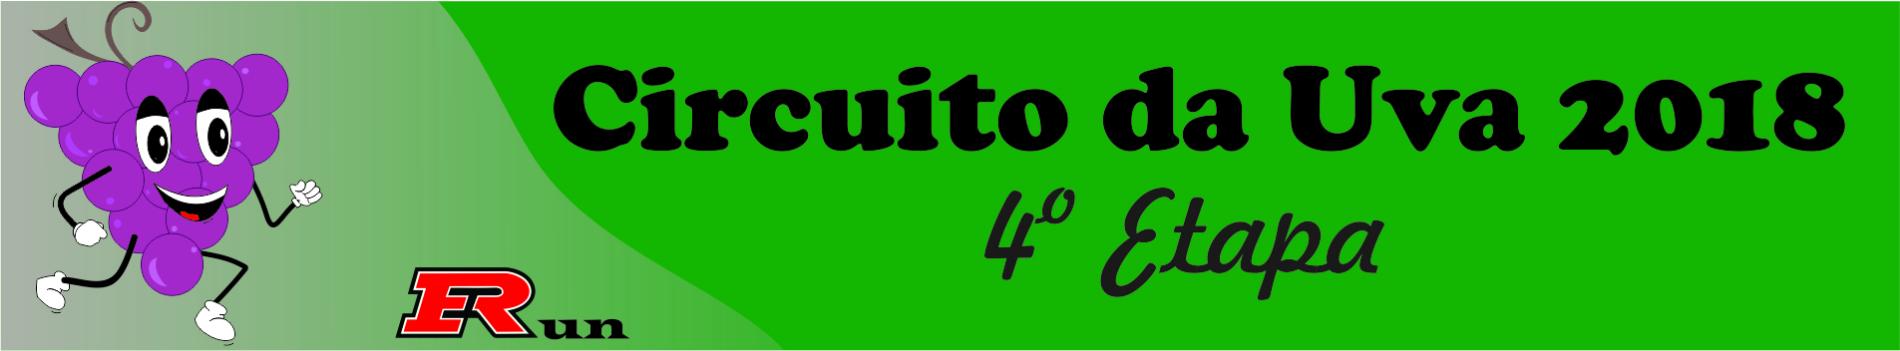 CIRCUITO DA UVA 2018 4ª ETAPA